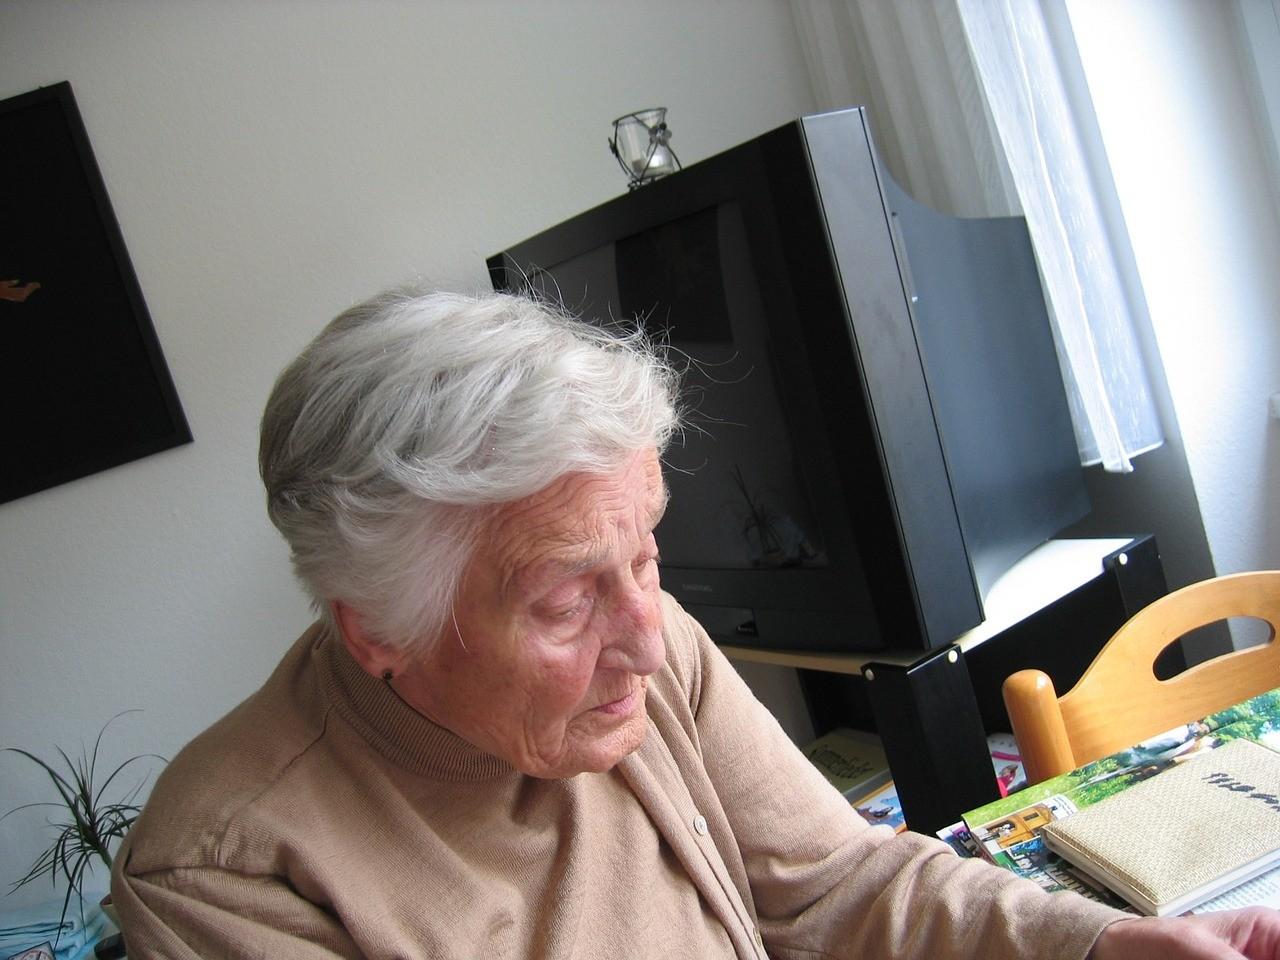 O que é o lar, doce lar ideal quando envelhecemos?